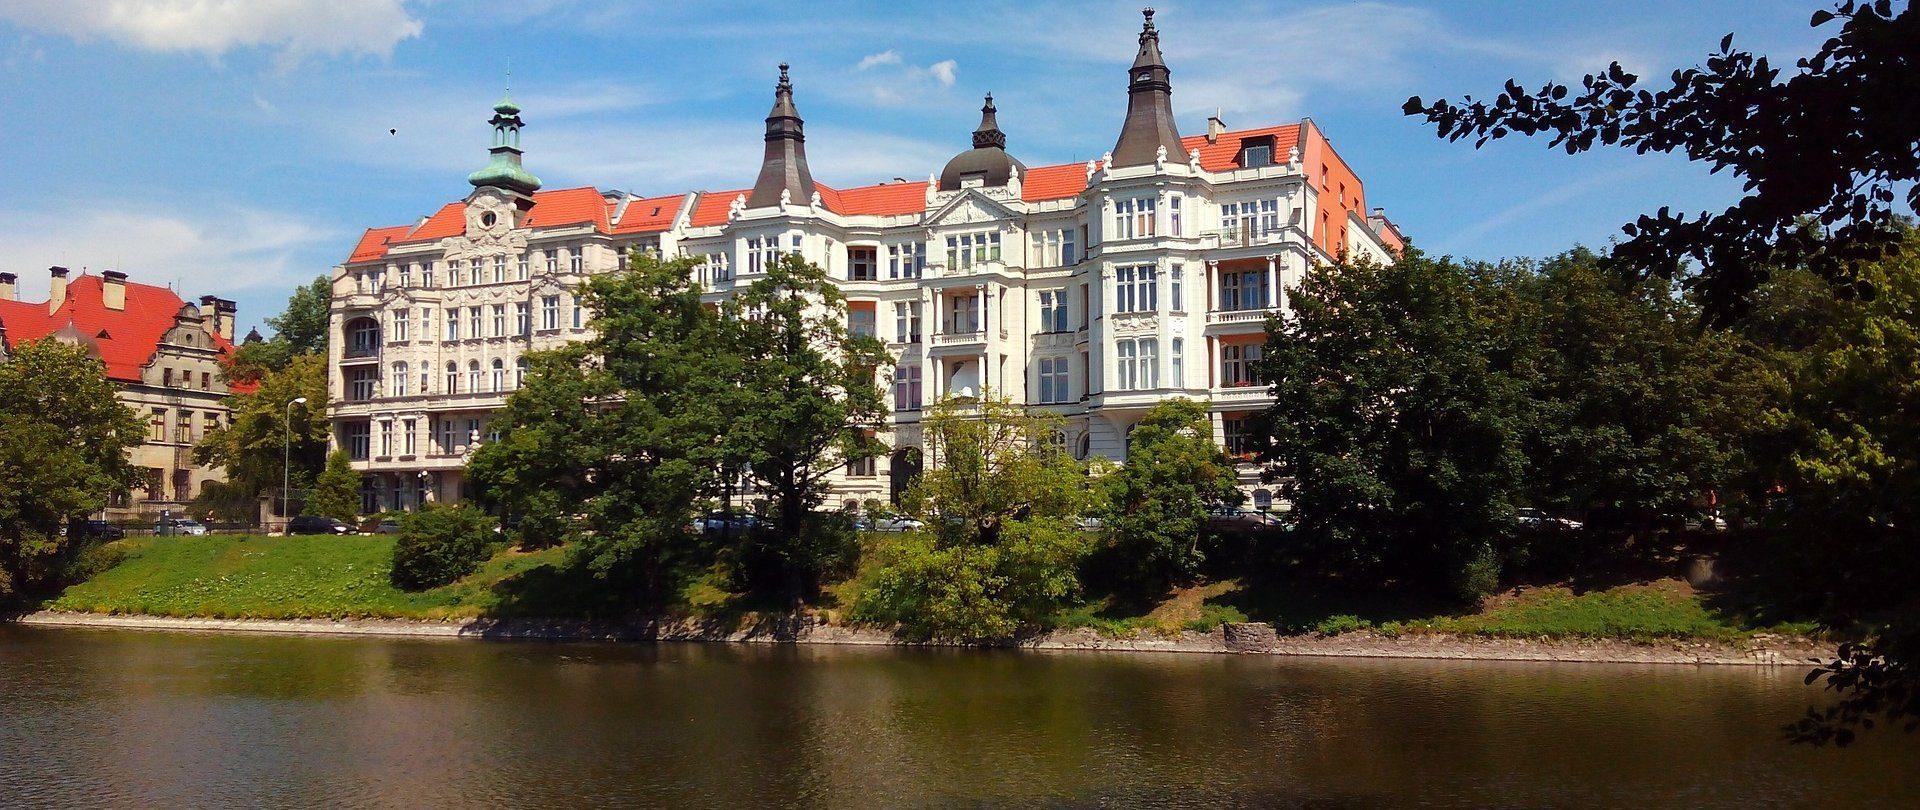 Wycieczka Stare Miasto+Ostrów Tumski+Hala Stulecia+ Dzielnica 4 Wyznań